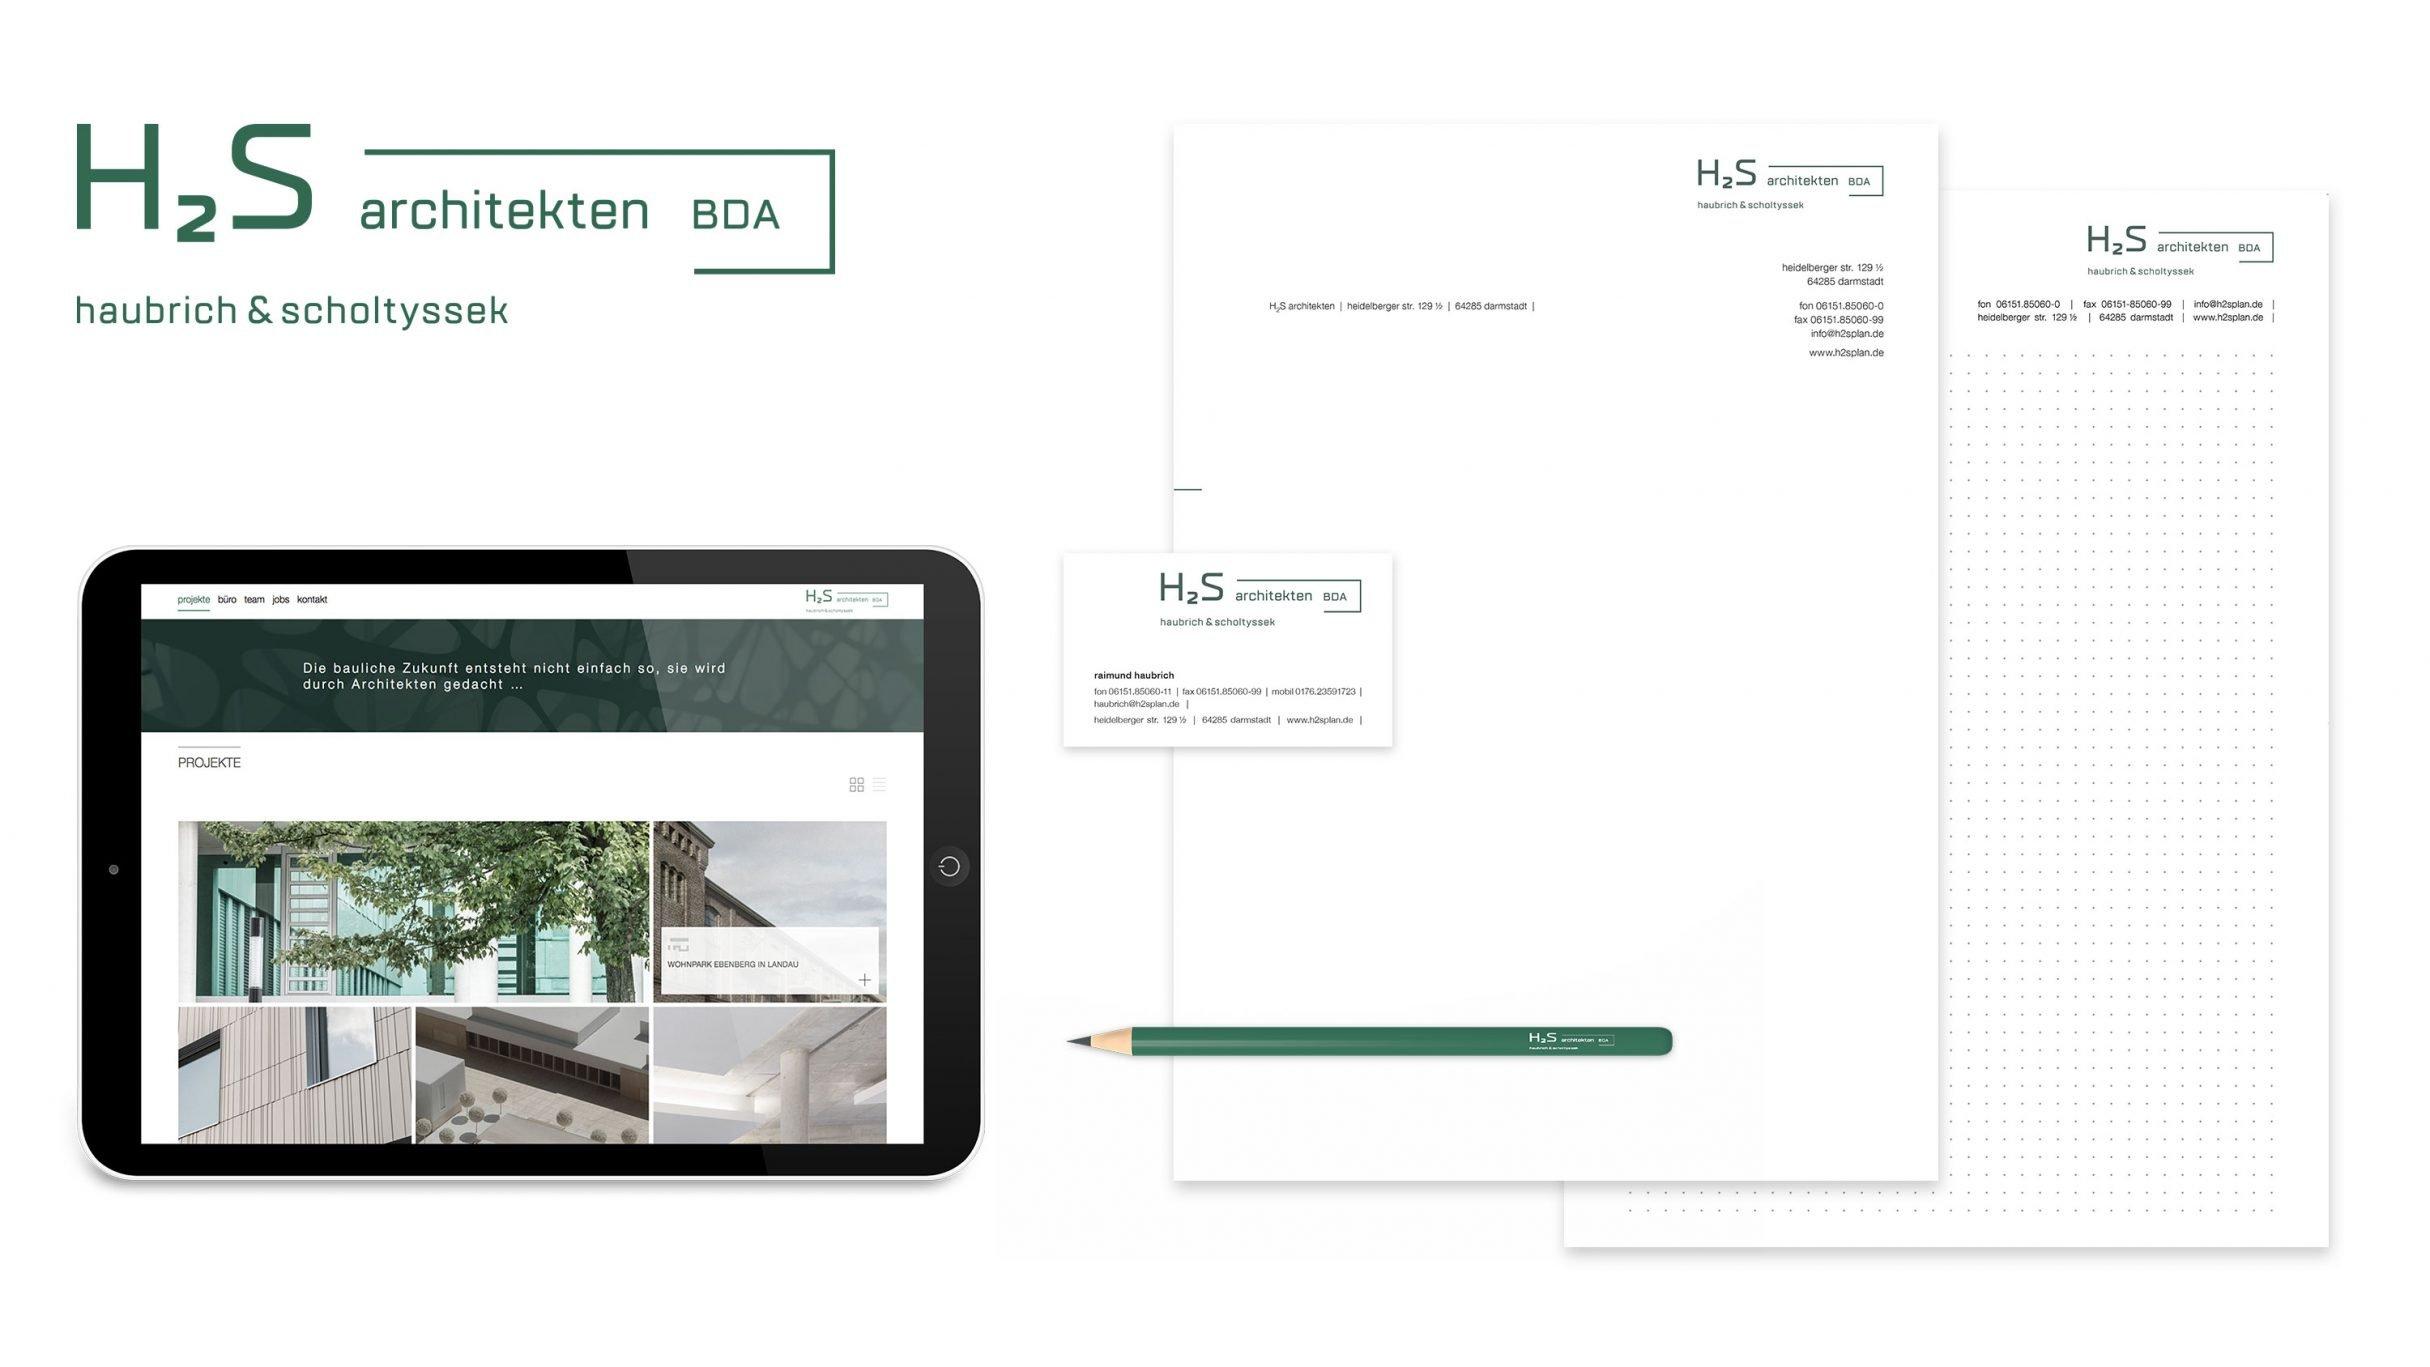 Corporate Design und Website für h2s architekten: Full Service Agentur DIE NEUDENKER, Darmstadt